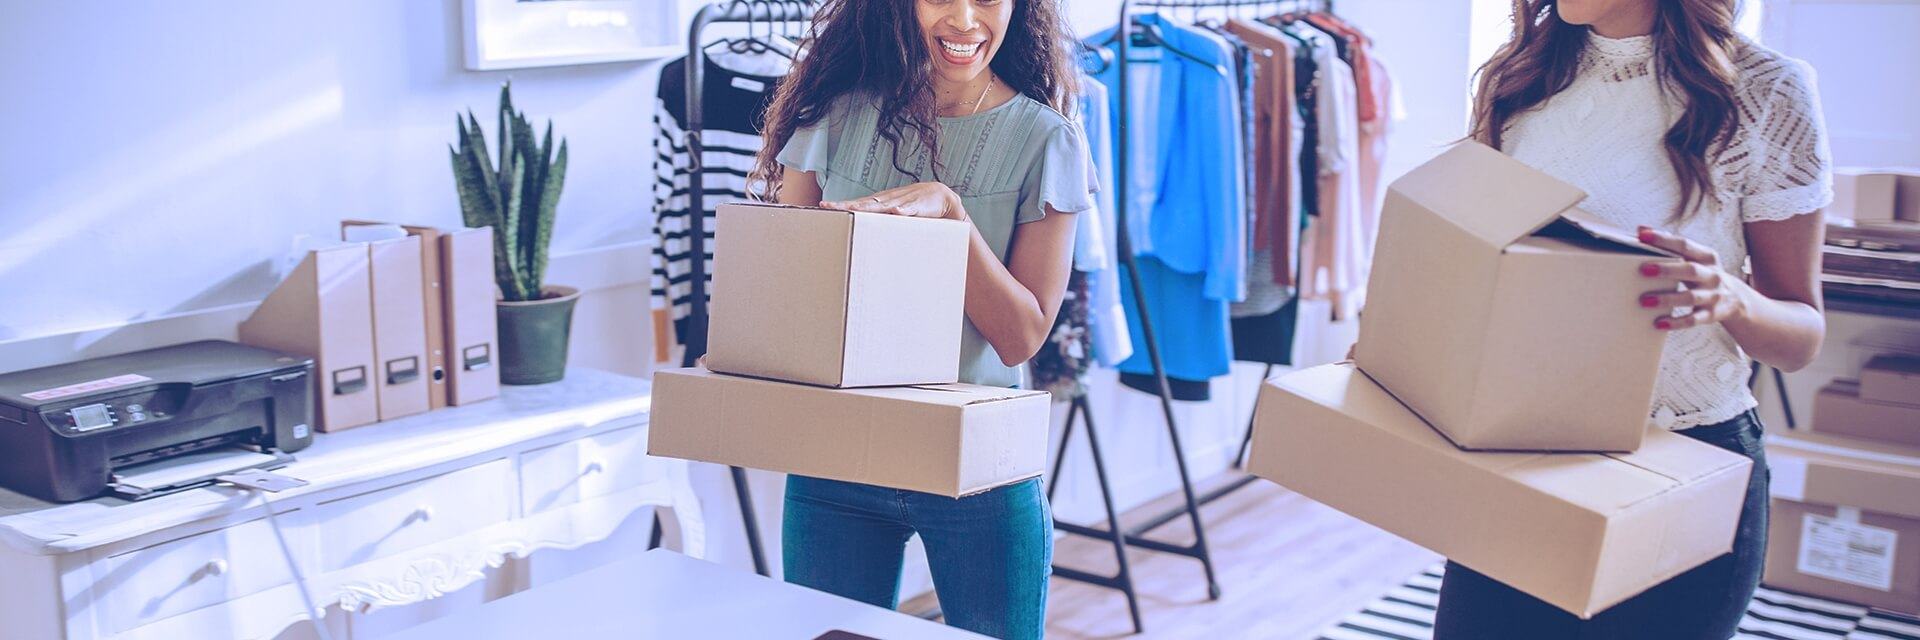 Mulheres com caixas em uma loja